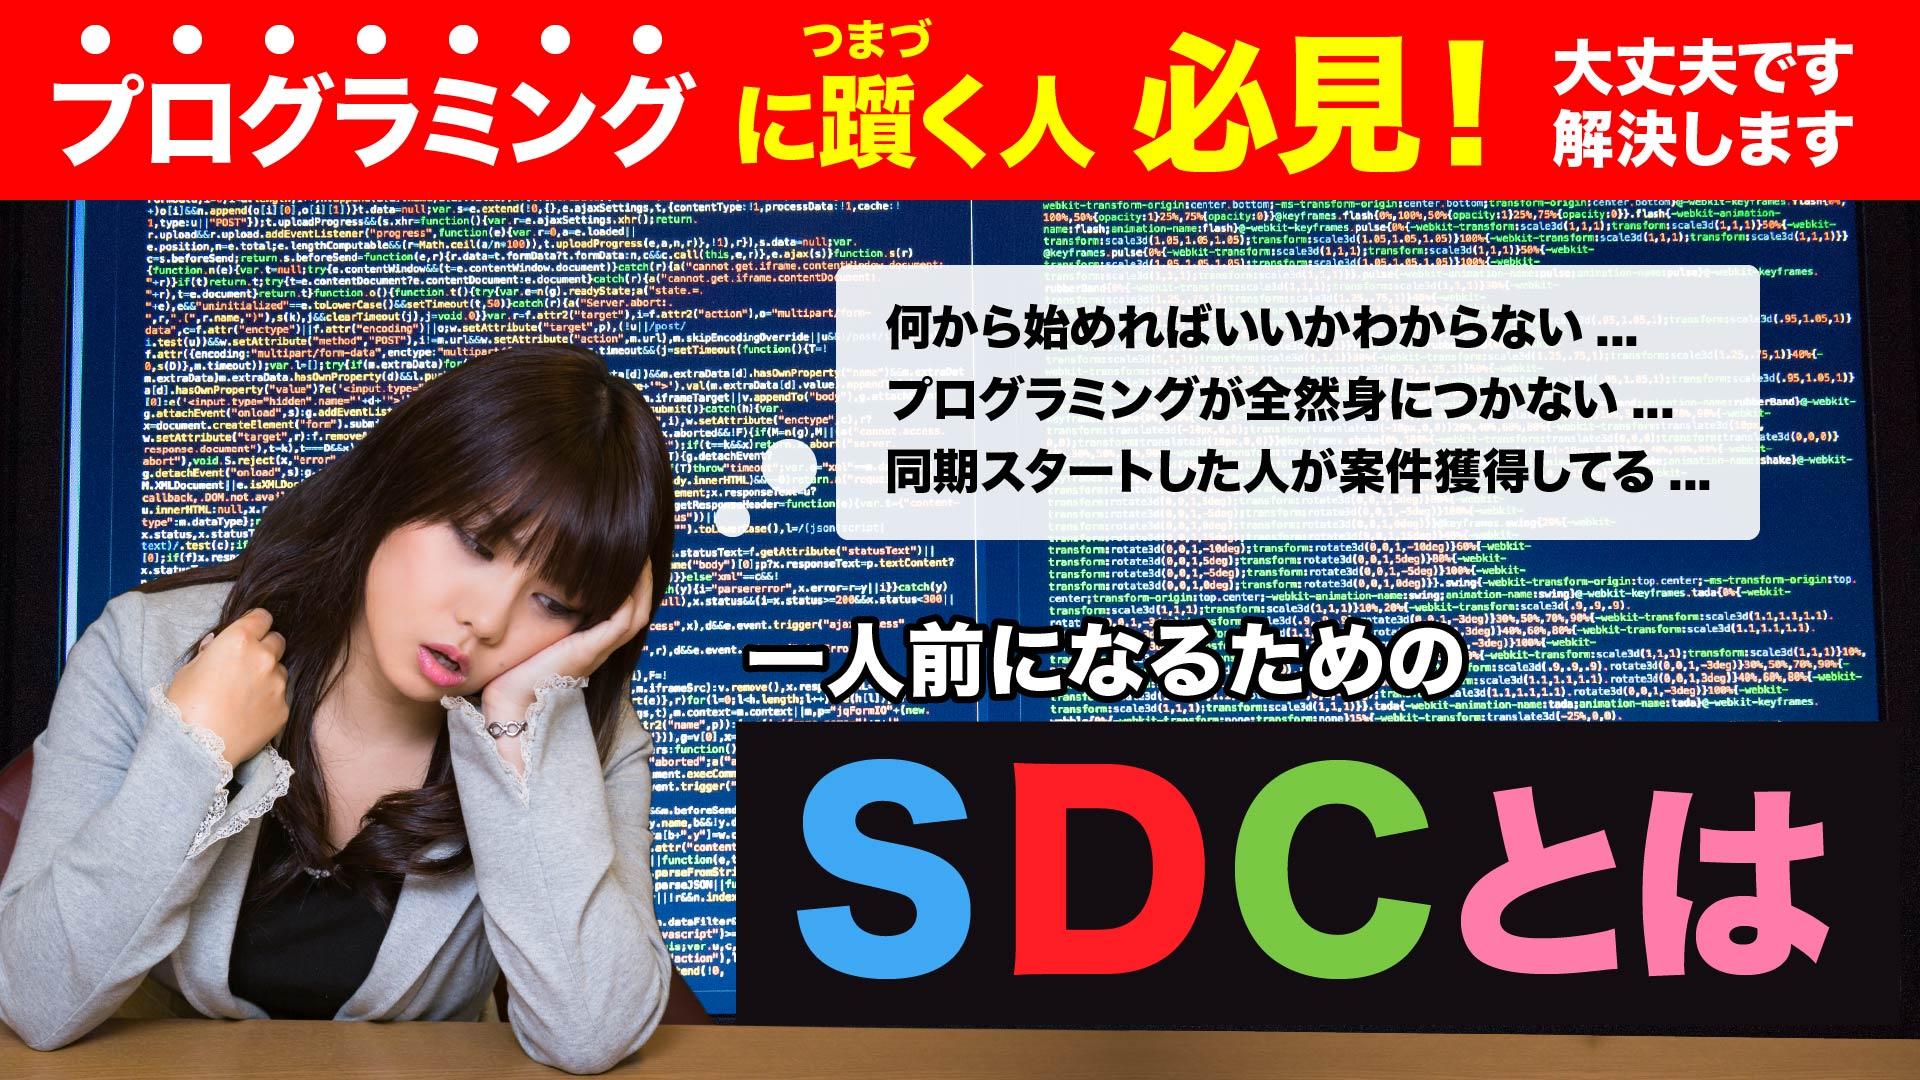 プログラミングで躓く人必見!一人前になるためのSDCとは